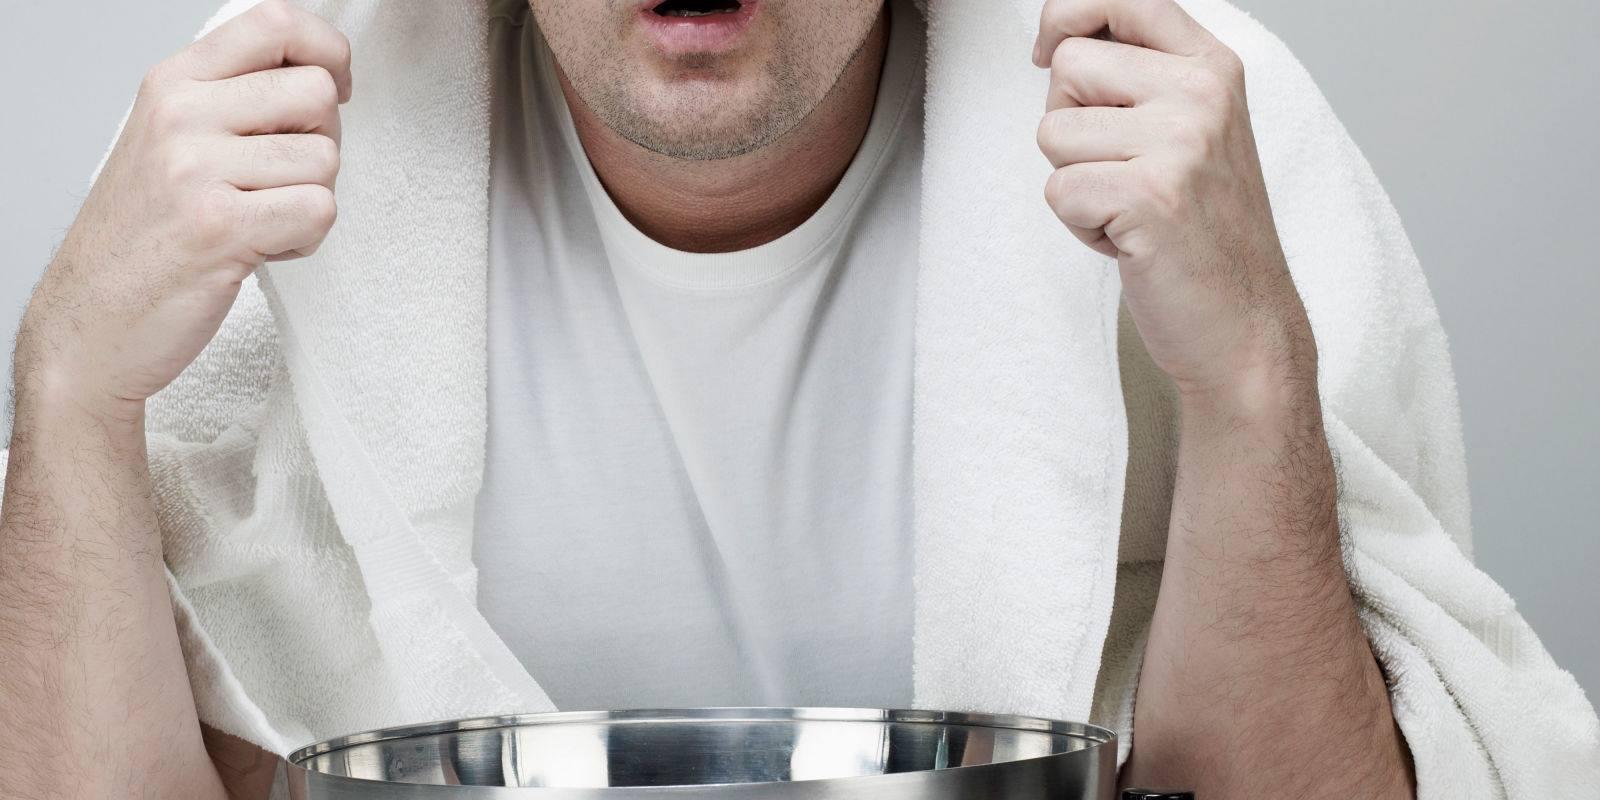 درمان طبیعی برای سرفه خشک با بخار